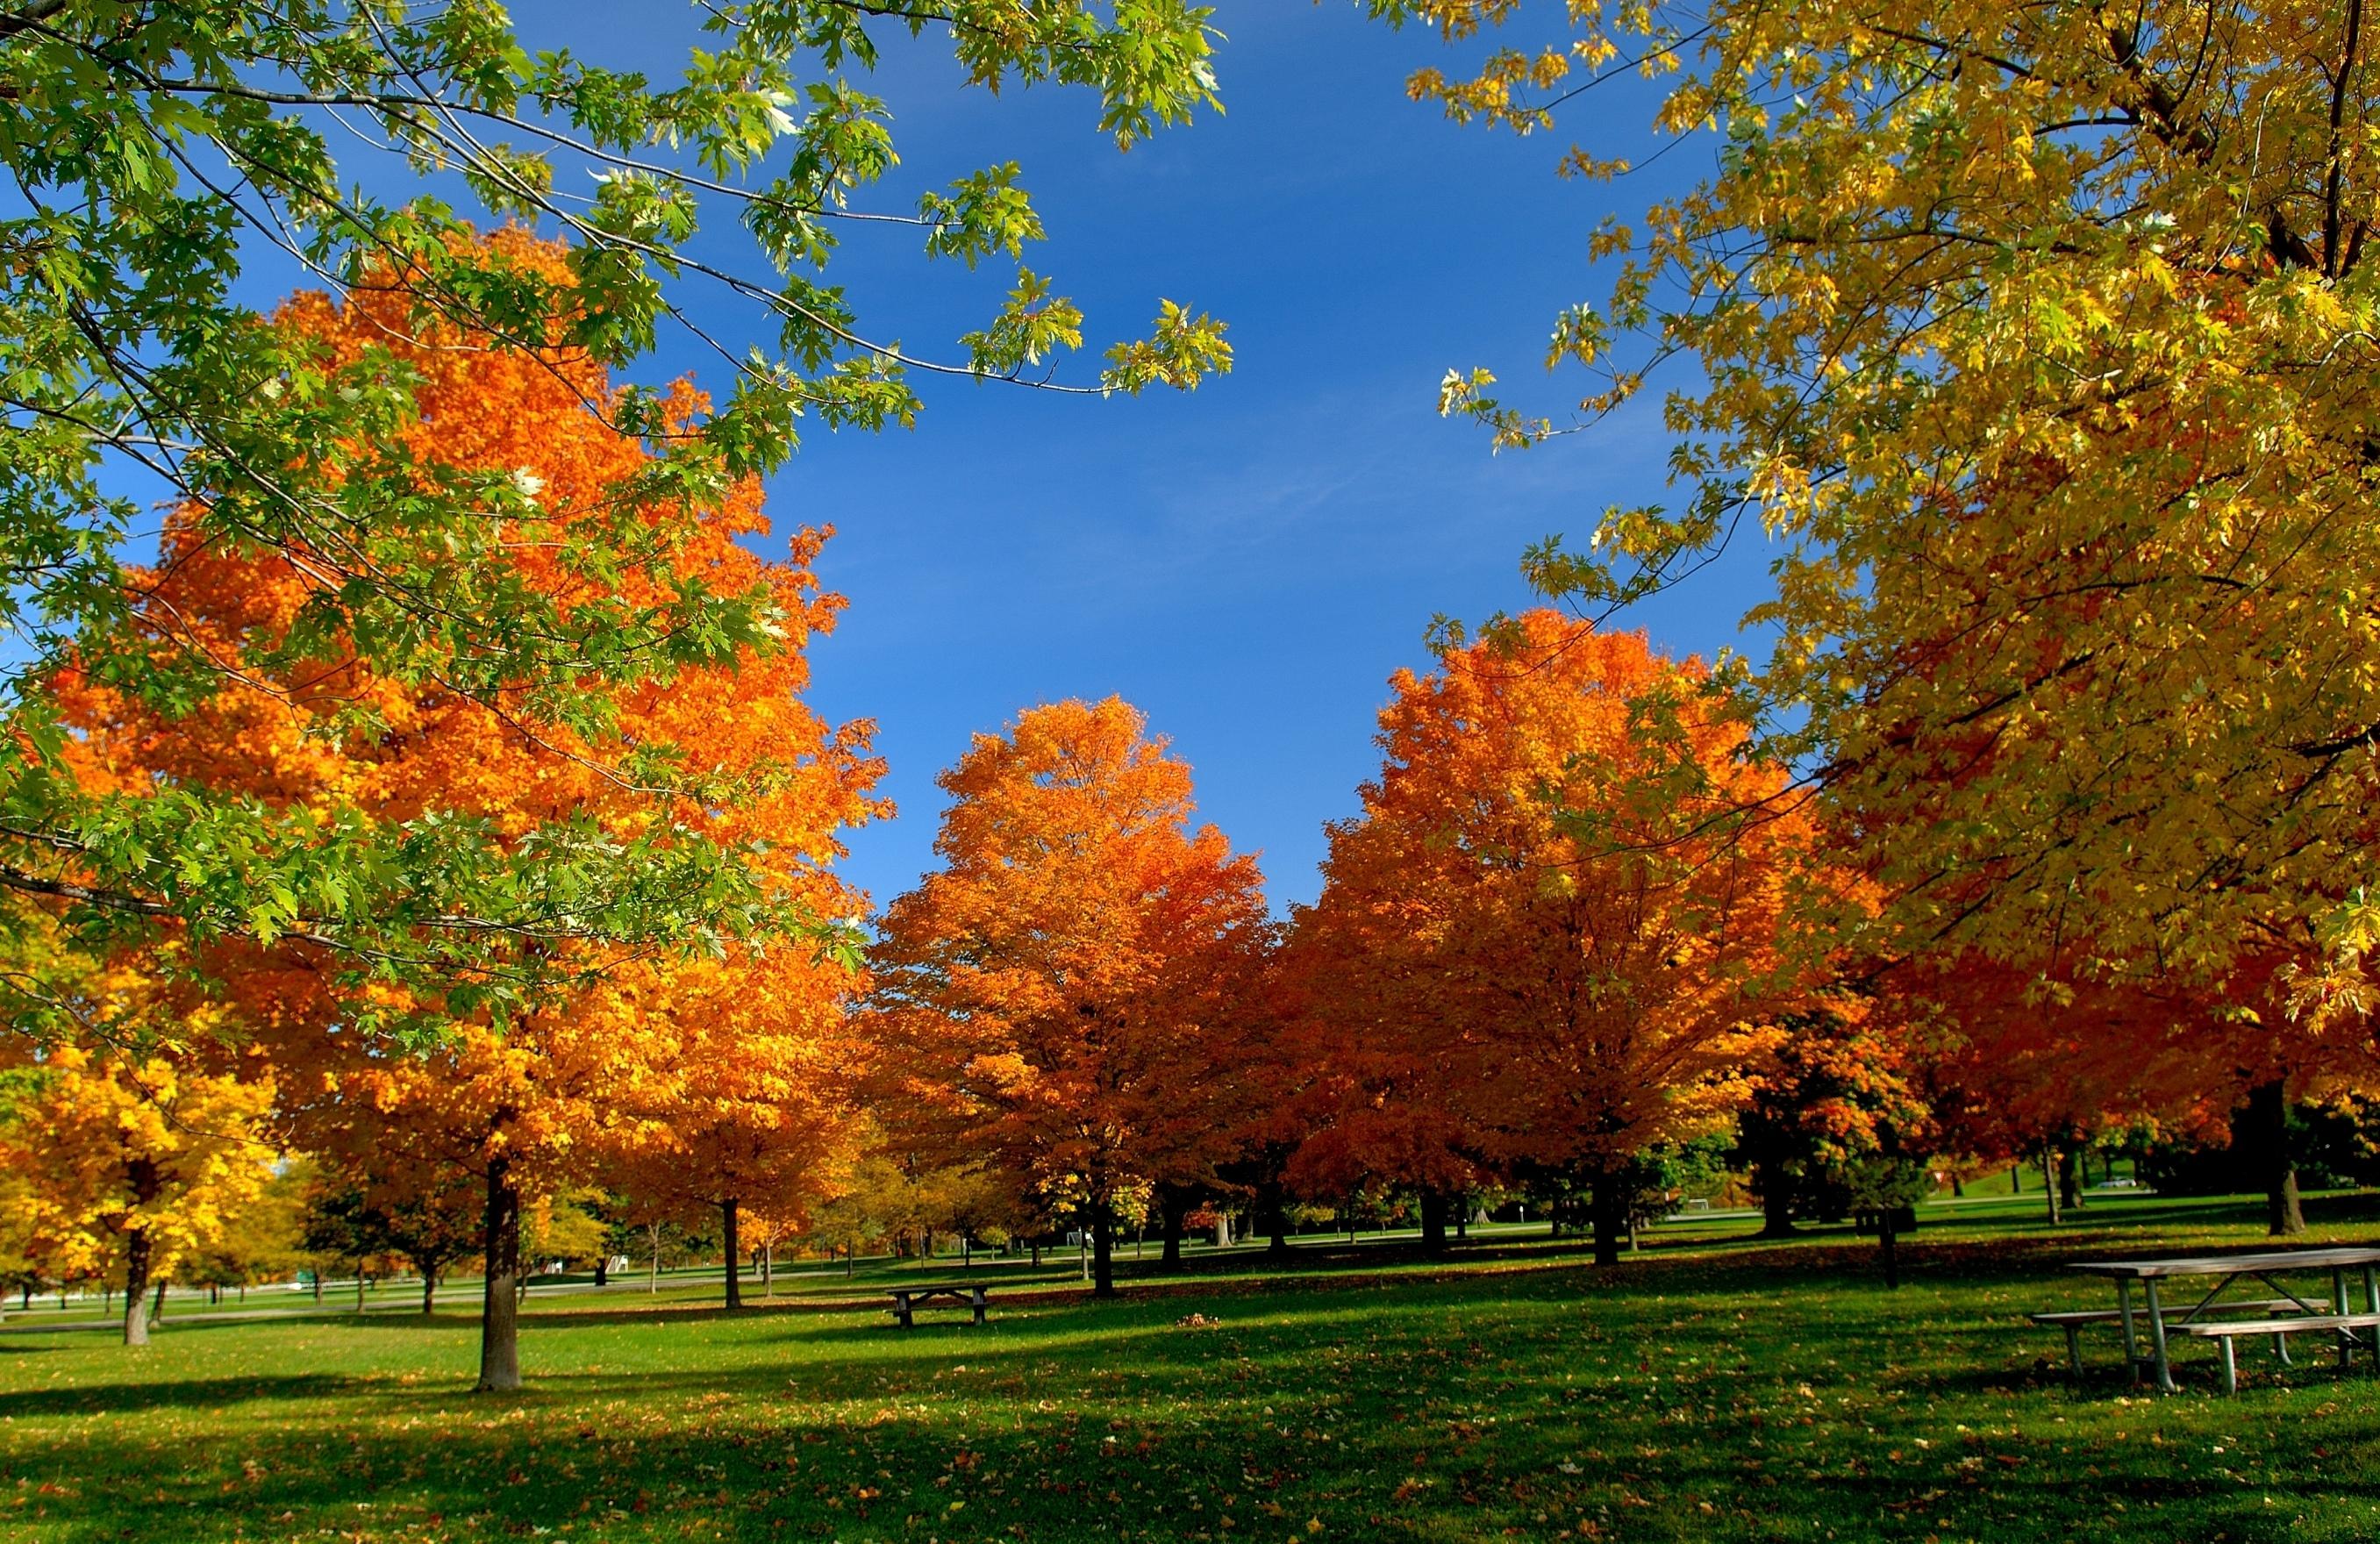 Картинка про осень сентябрь